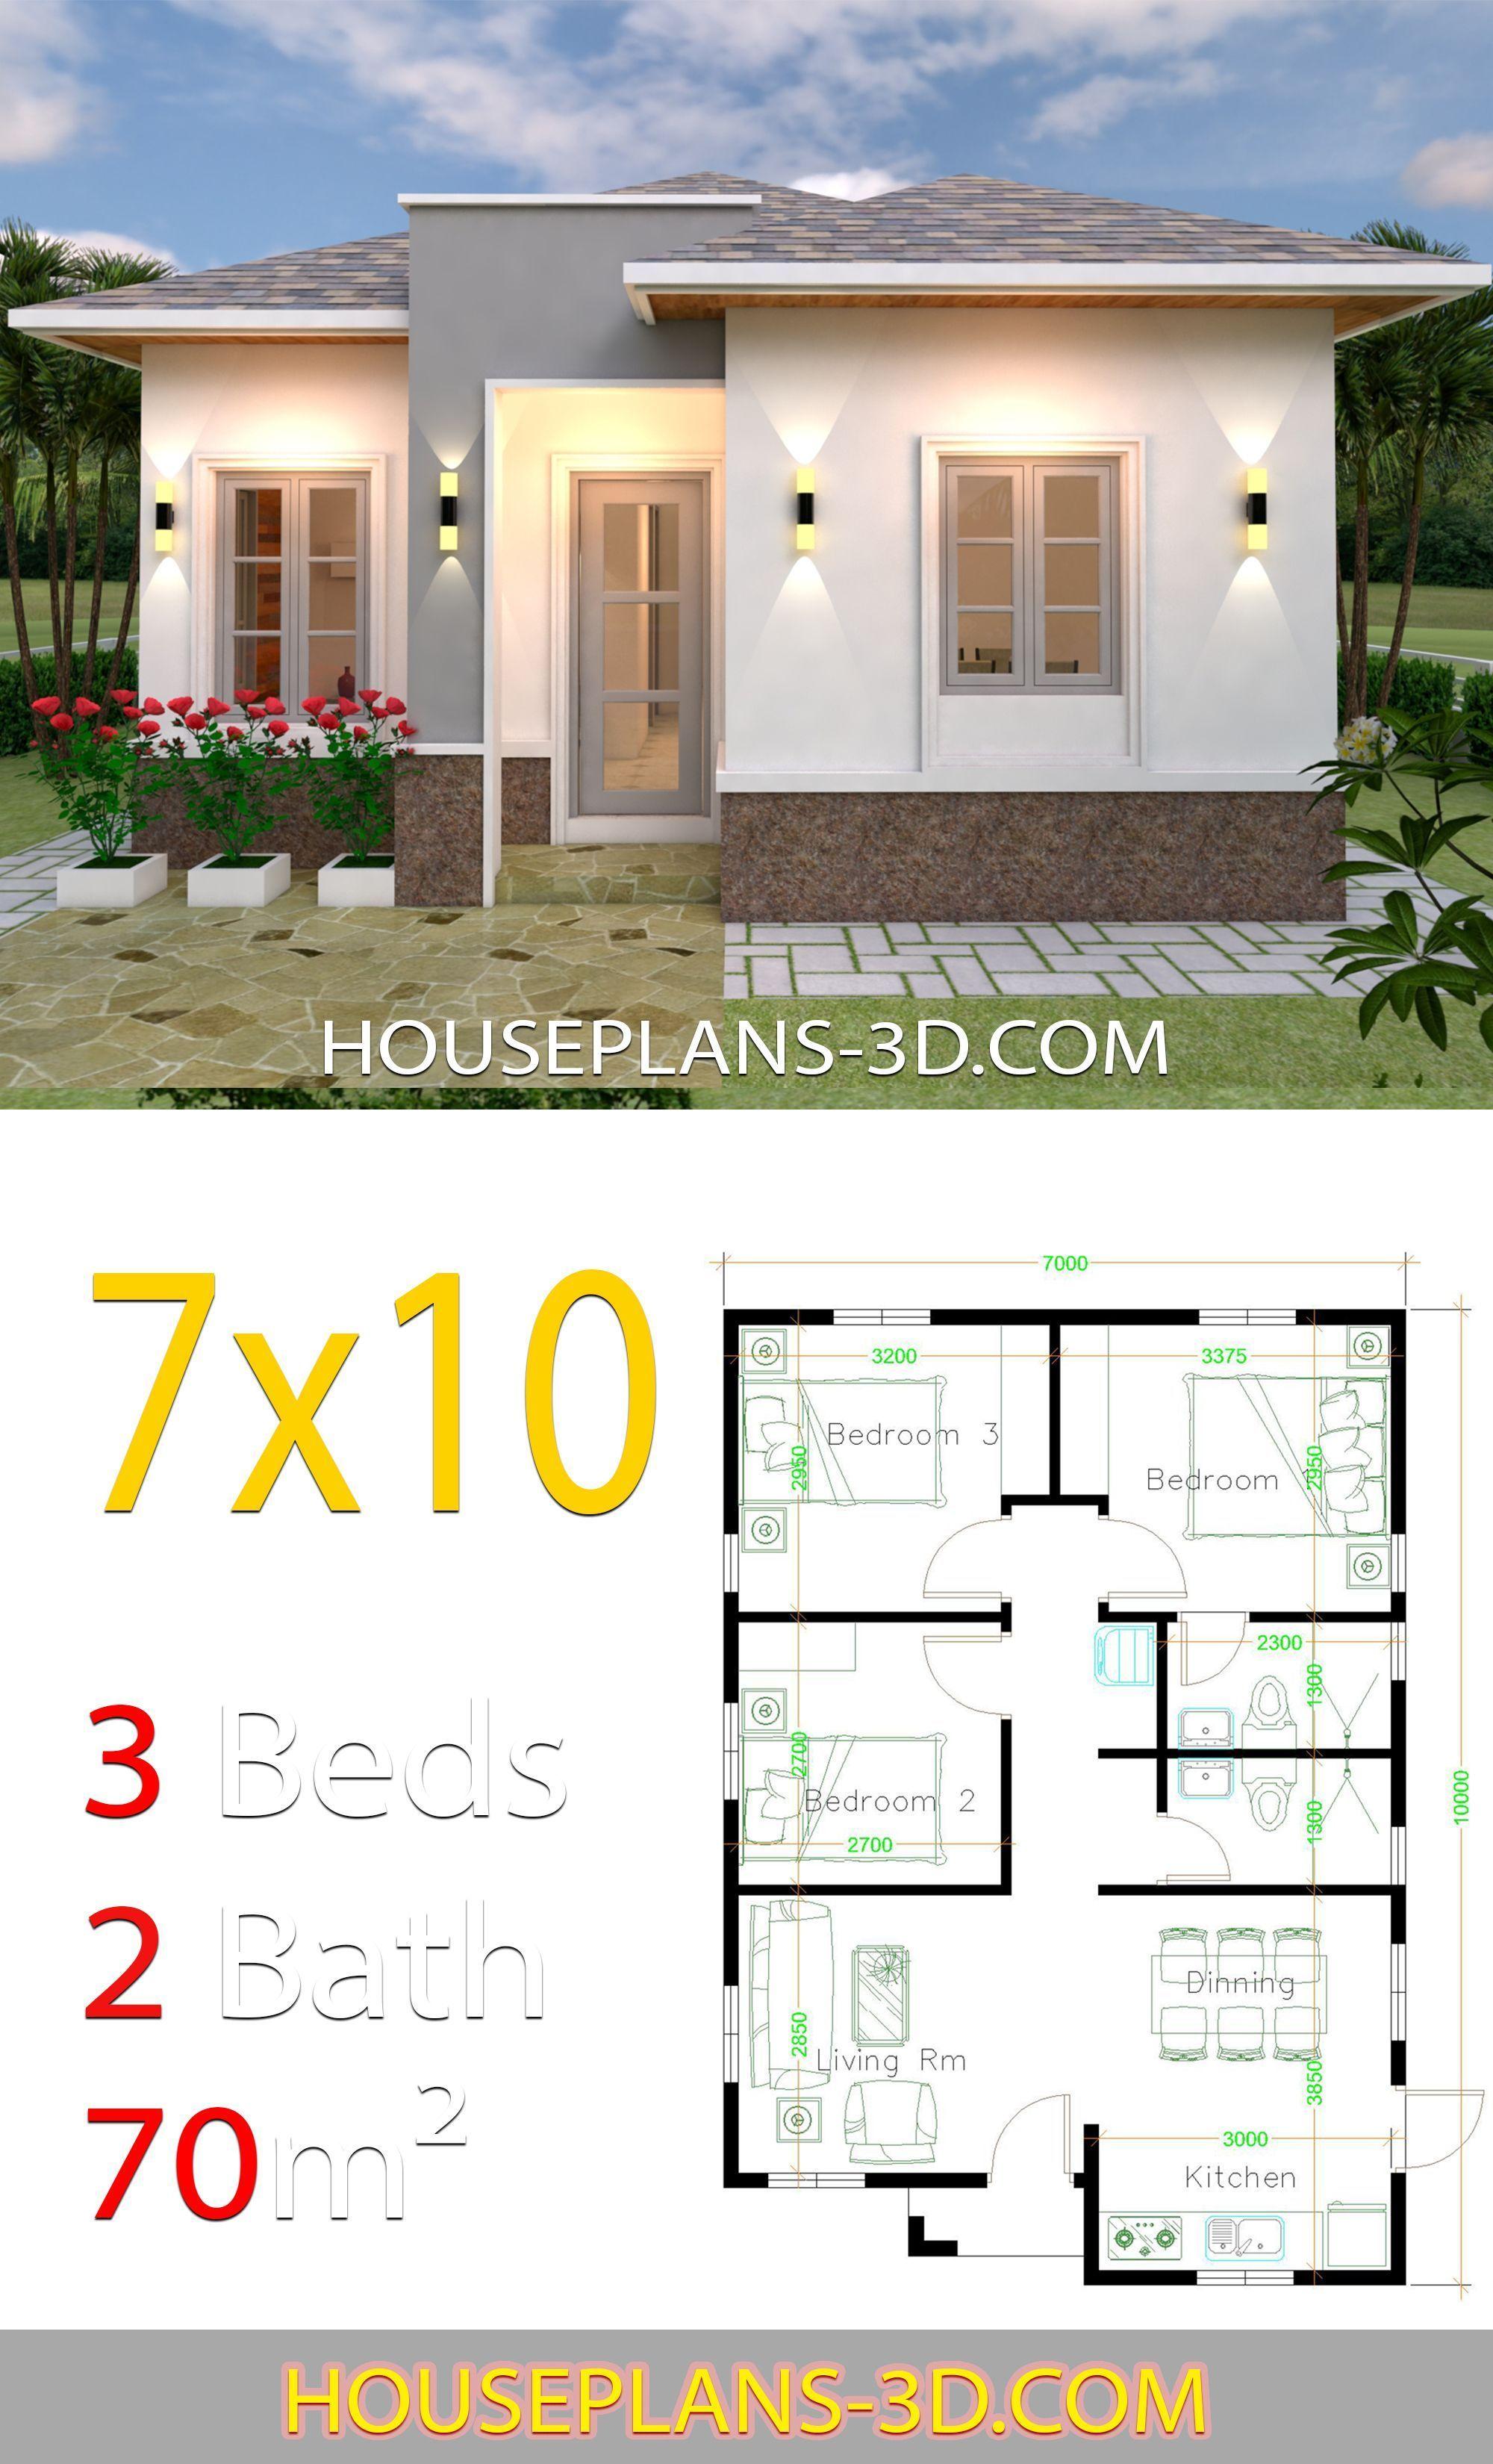 House Design 7x10 With 3 Bedrooms Hip Roof House Plans 3d Strandhuis 3d 7x10 Bedr Projetos De Casas Pequenas Projectos De Casas Projetos De Casas Simples